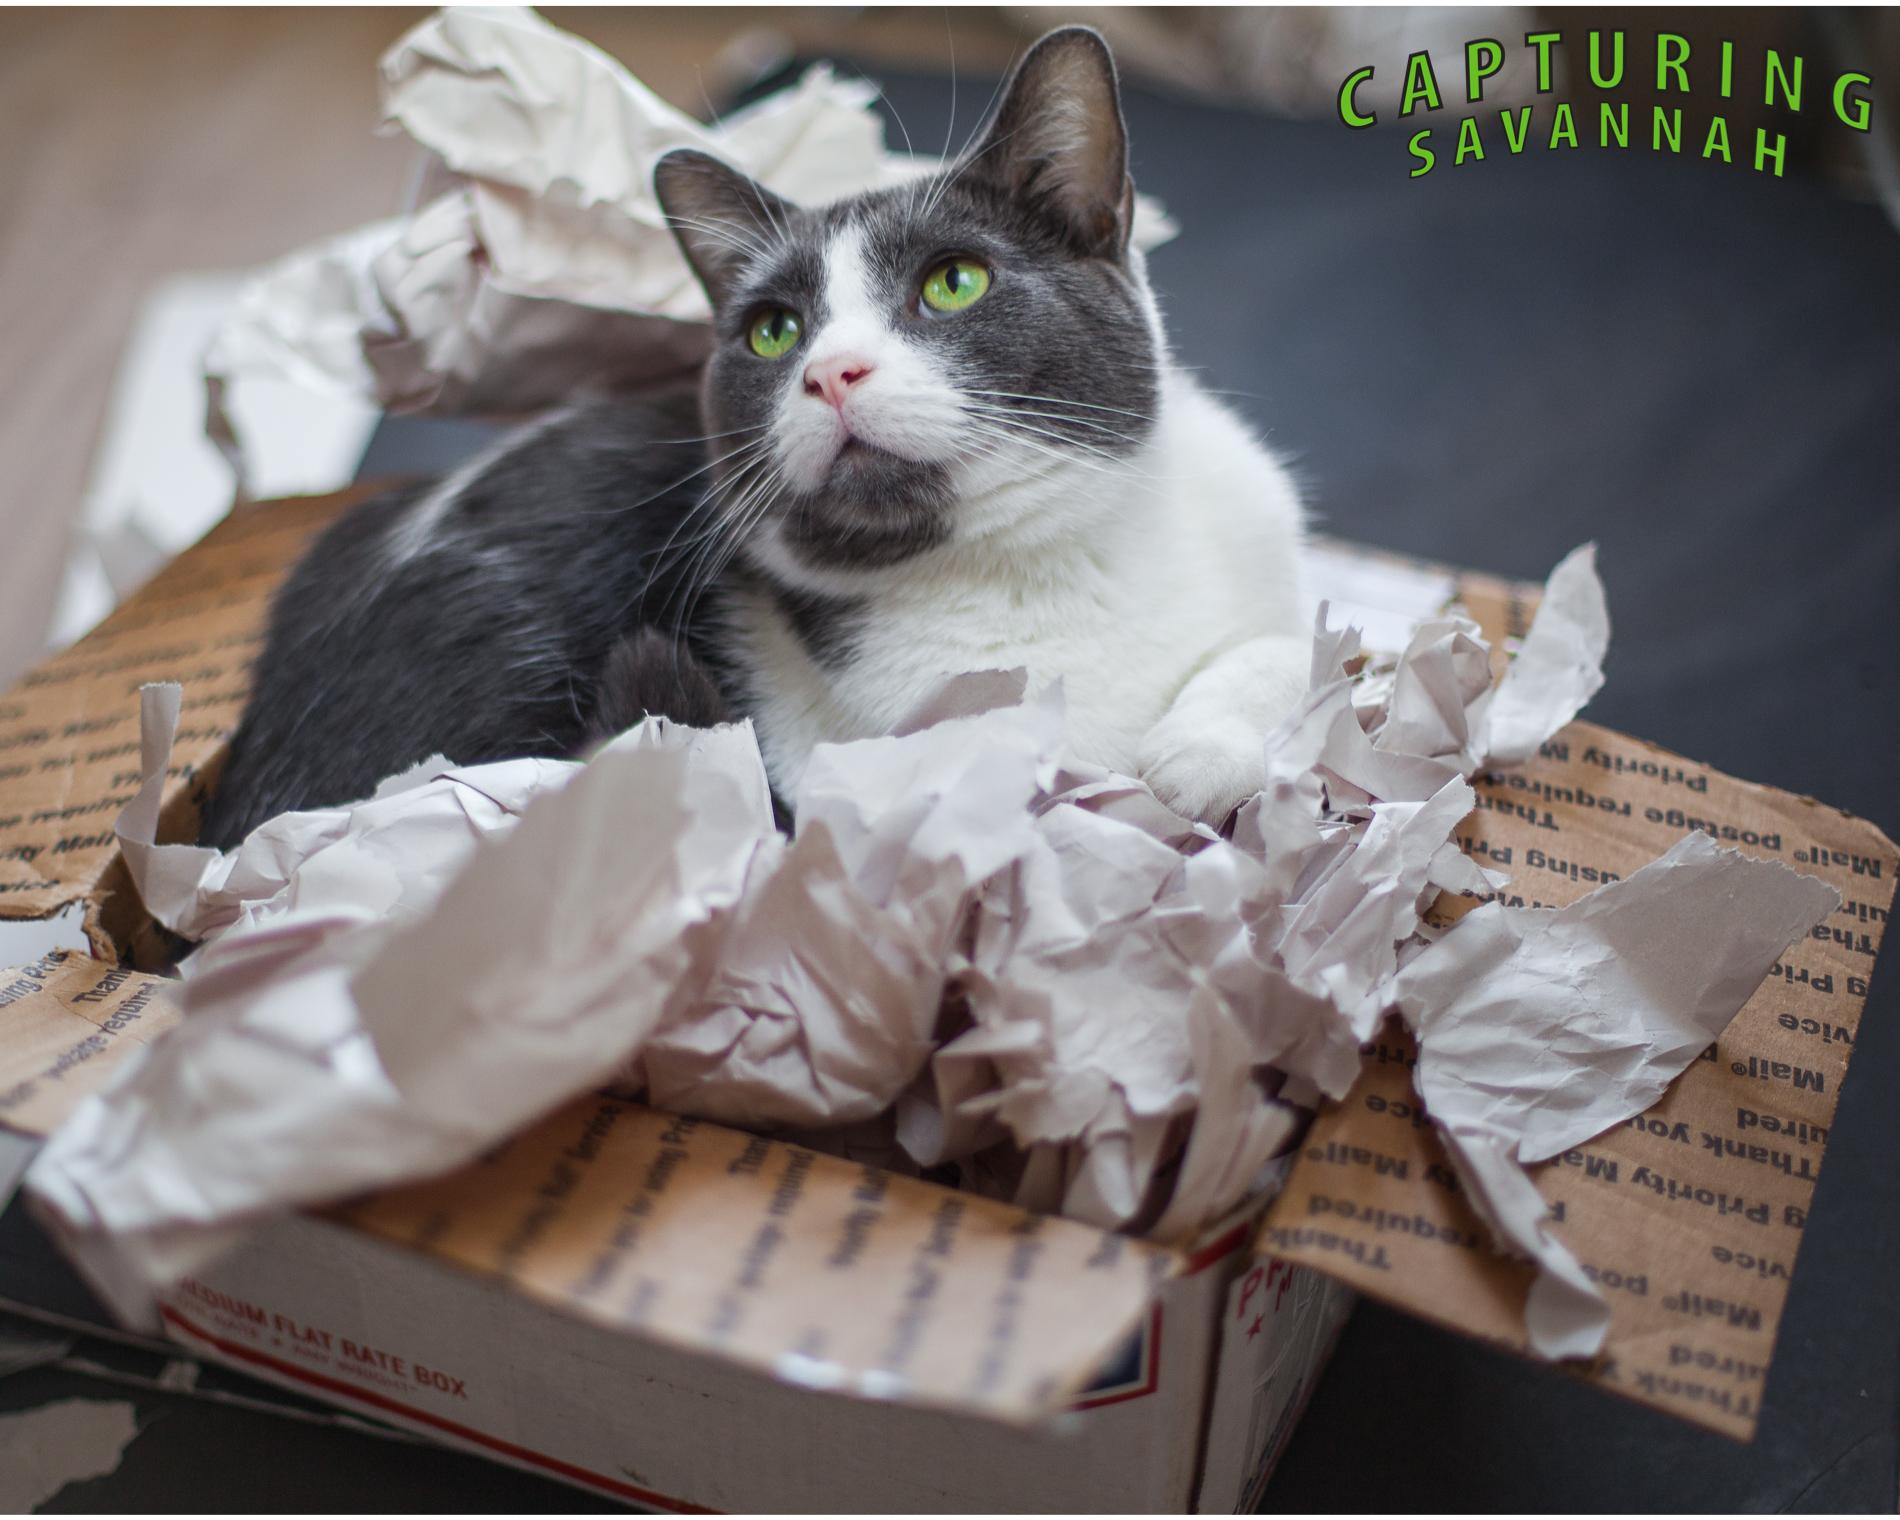 Capturing Savannah_photo-blog_Nicco-cat.1.jpg